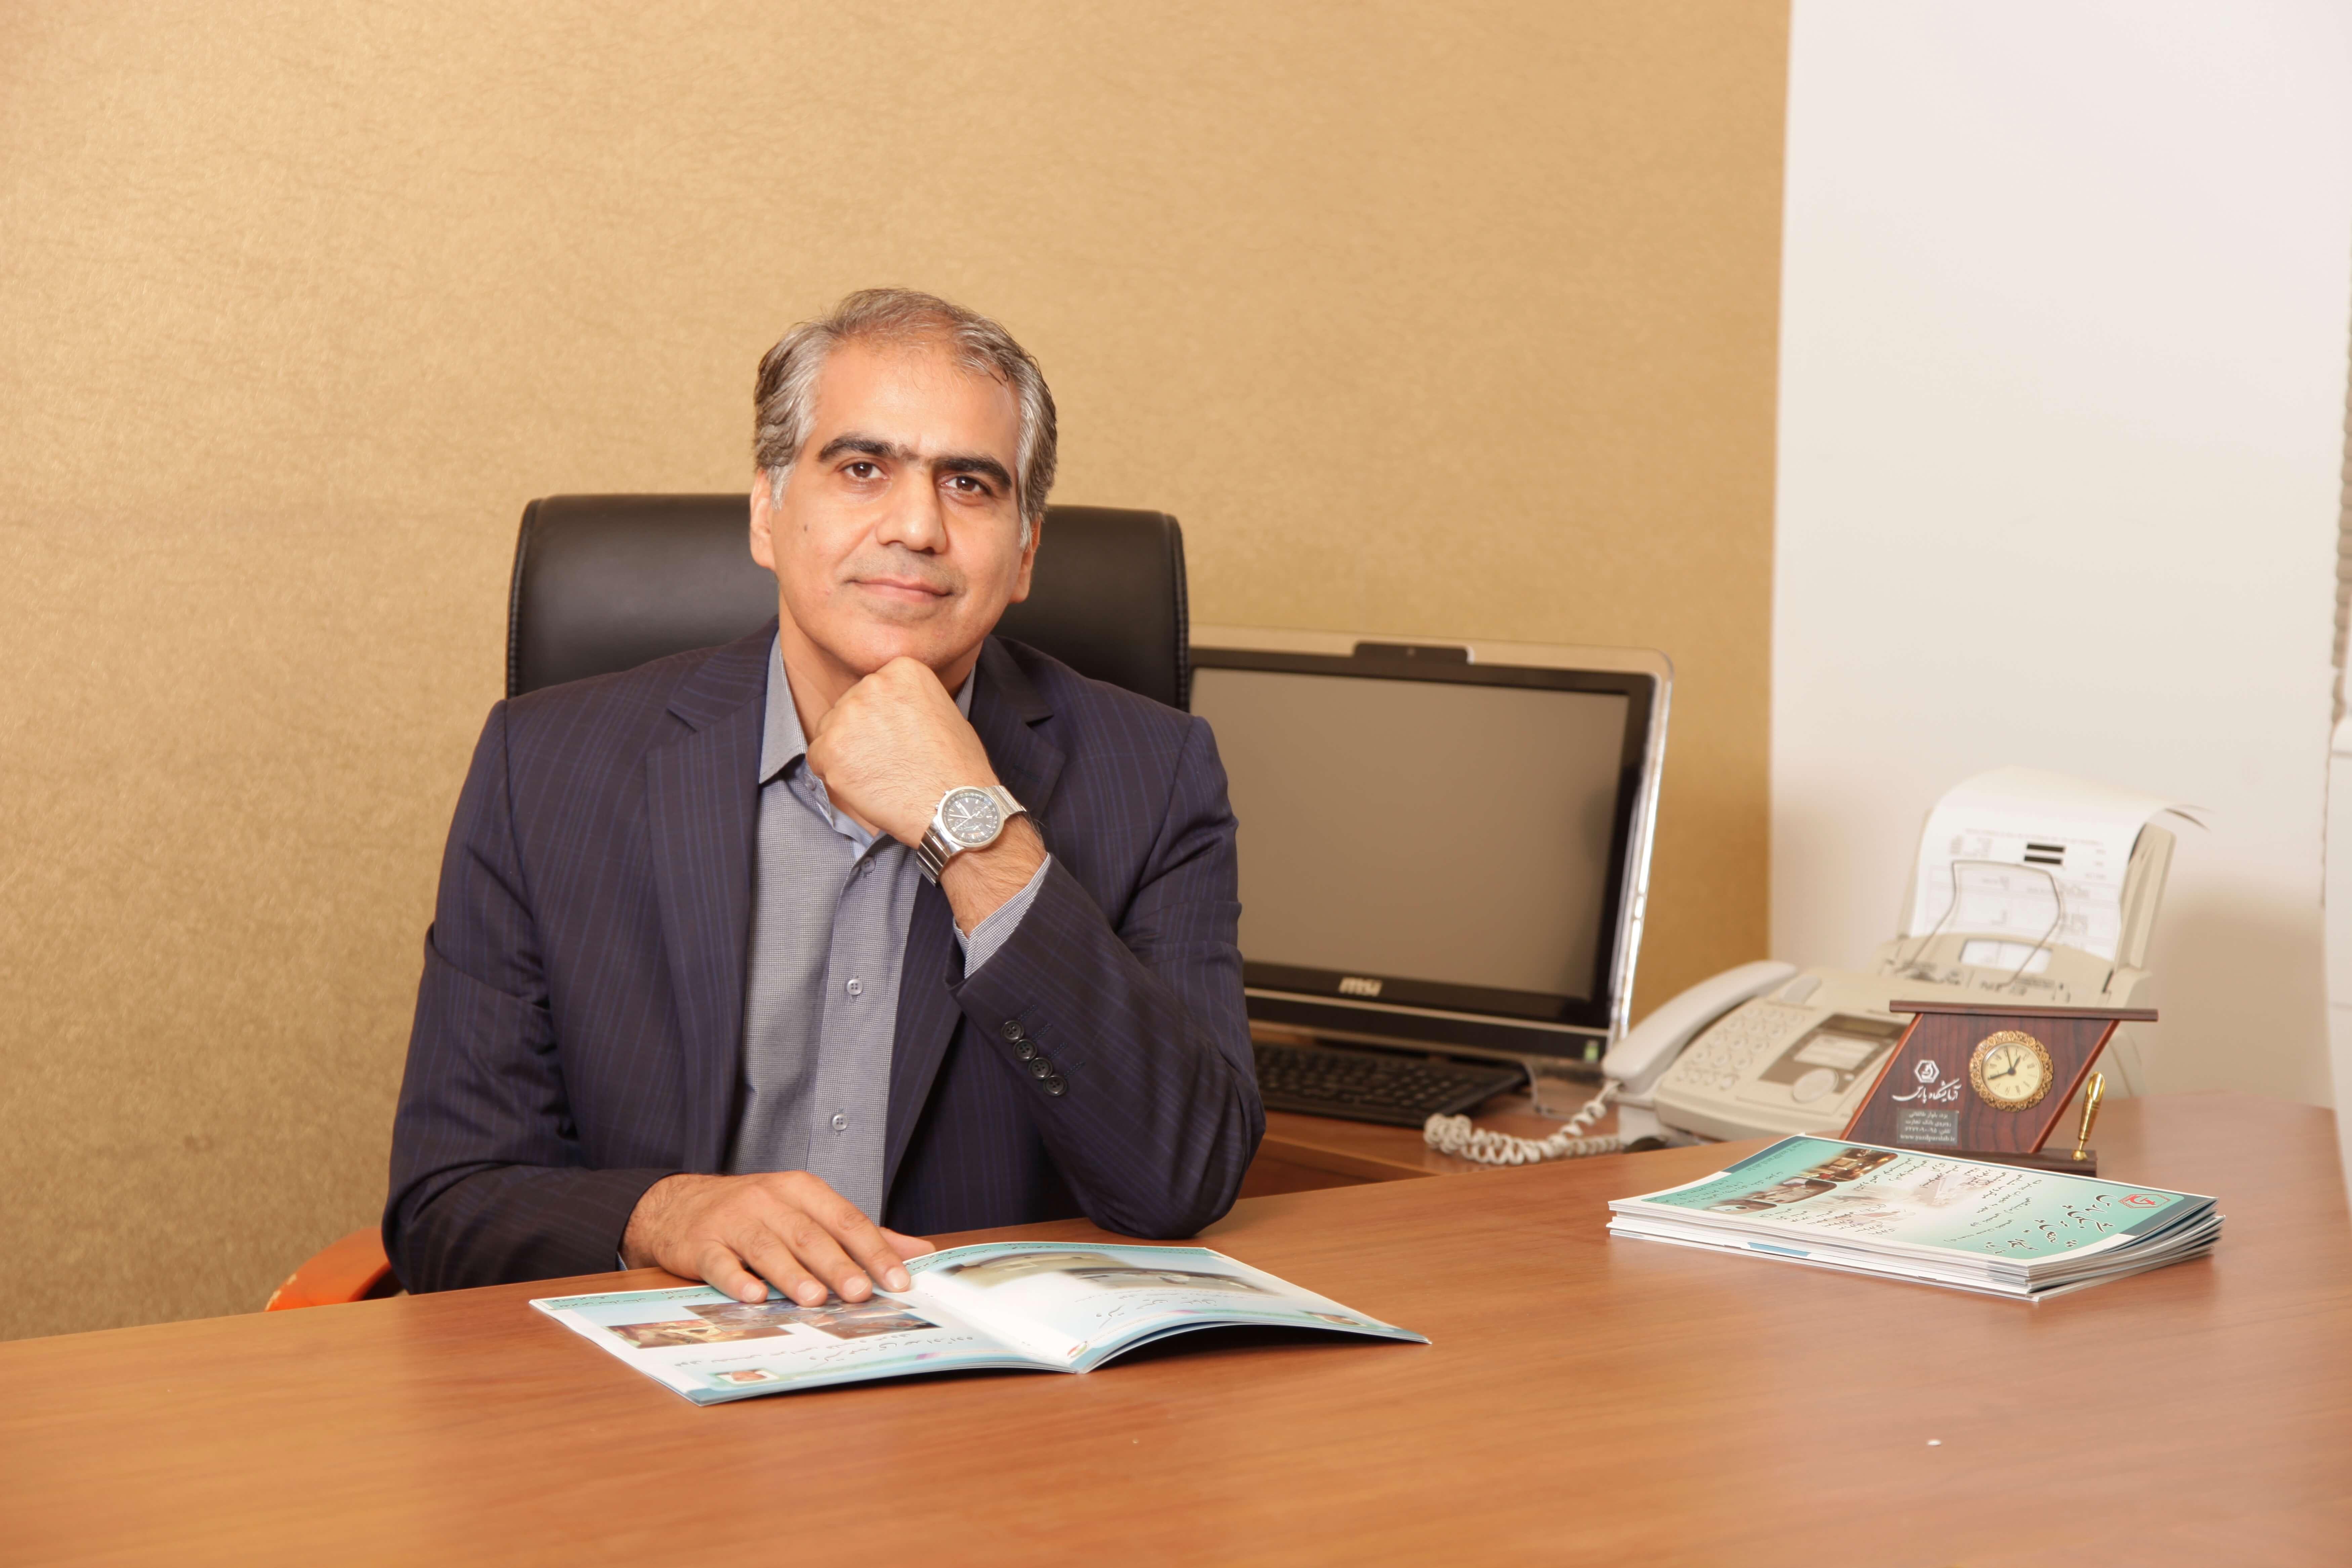 دکتر محمد حسين رازي